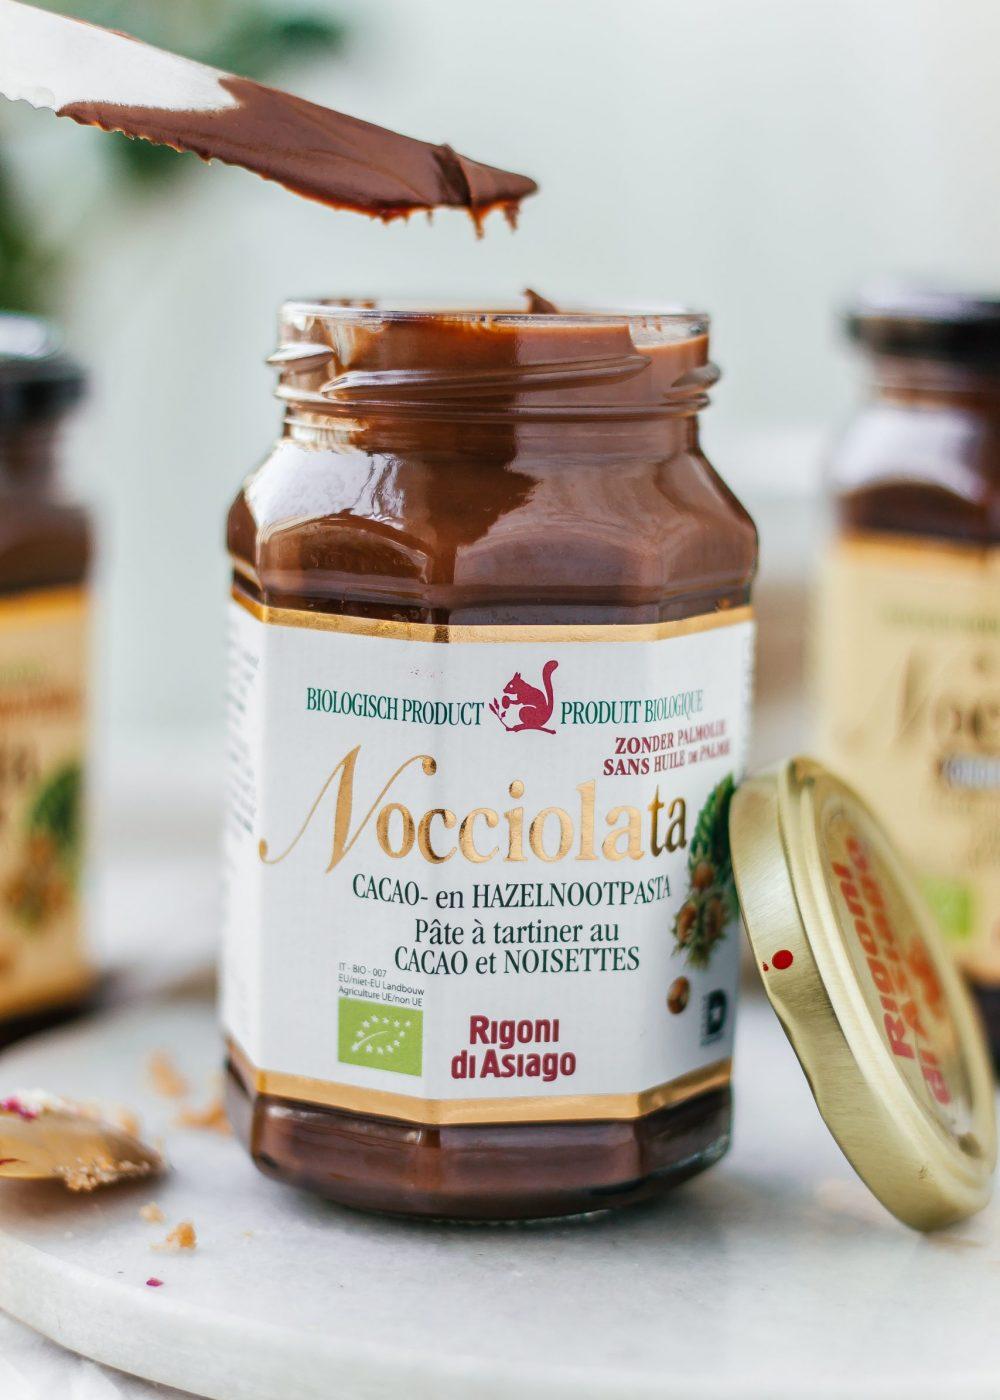 Nocciolata: 100 % Biologisch, 100 % Italiaans, 0% palmolie